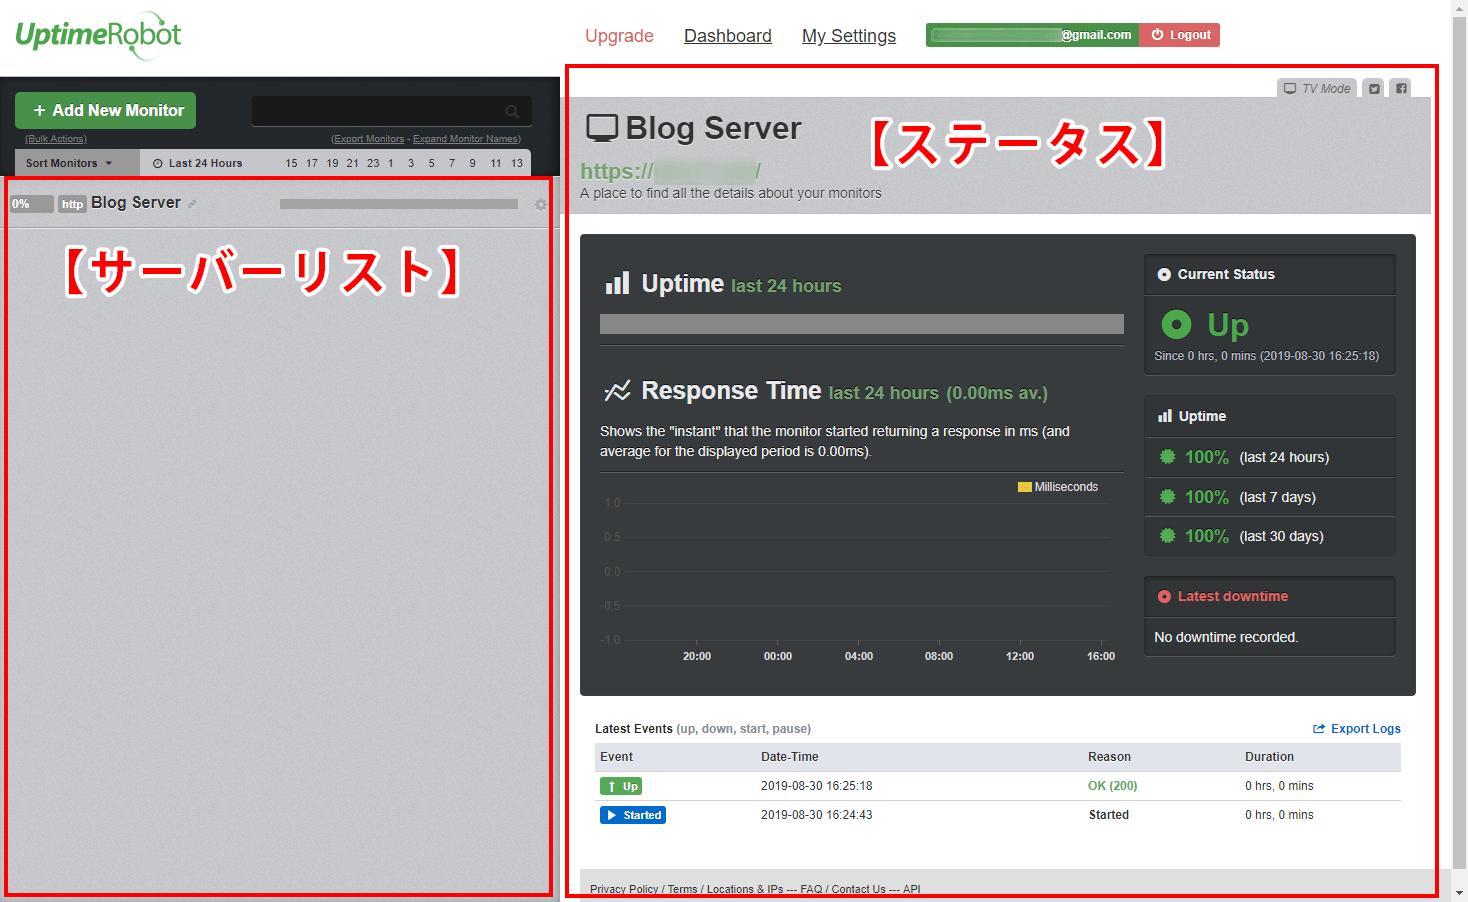 監視するサーバーの登録が完了